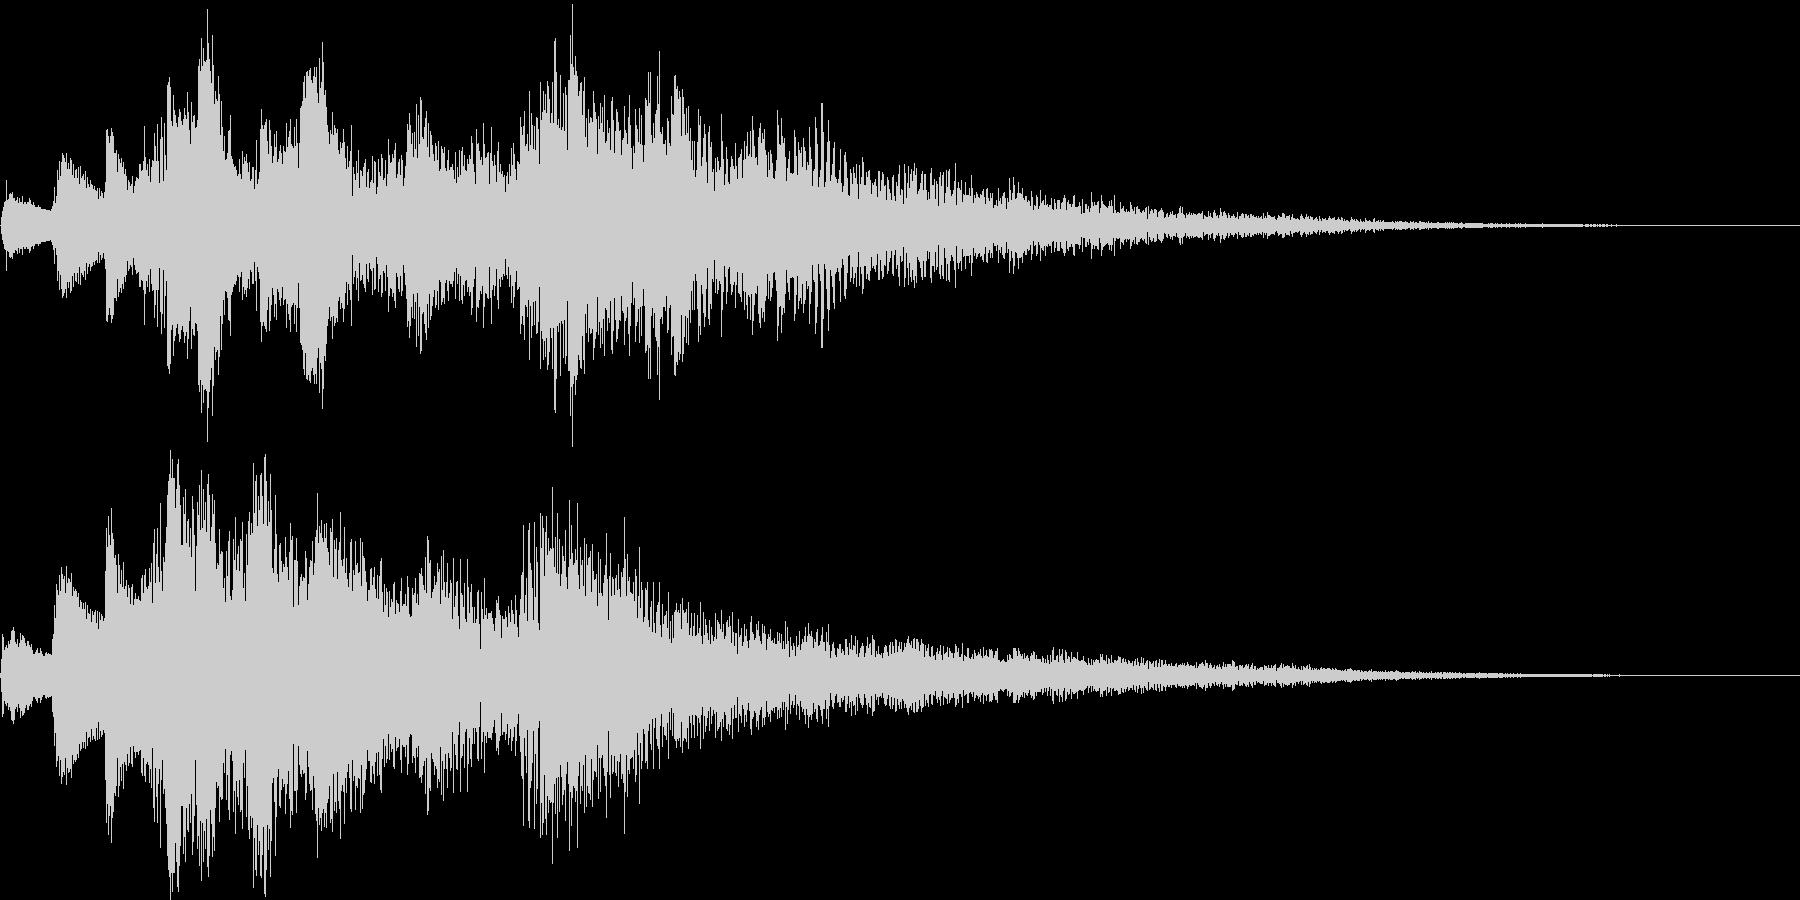 アイキャッチ用ジングル2 - ピアノ+αの未再生の波形